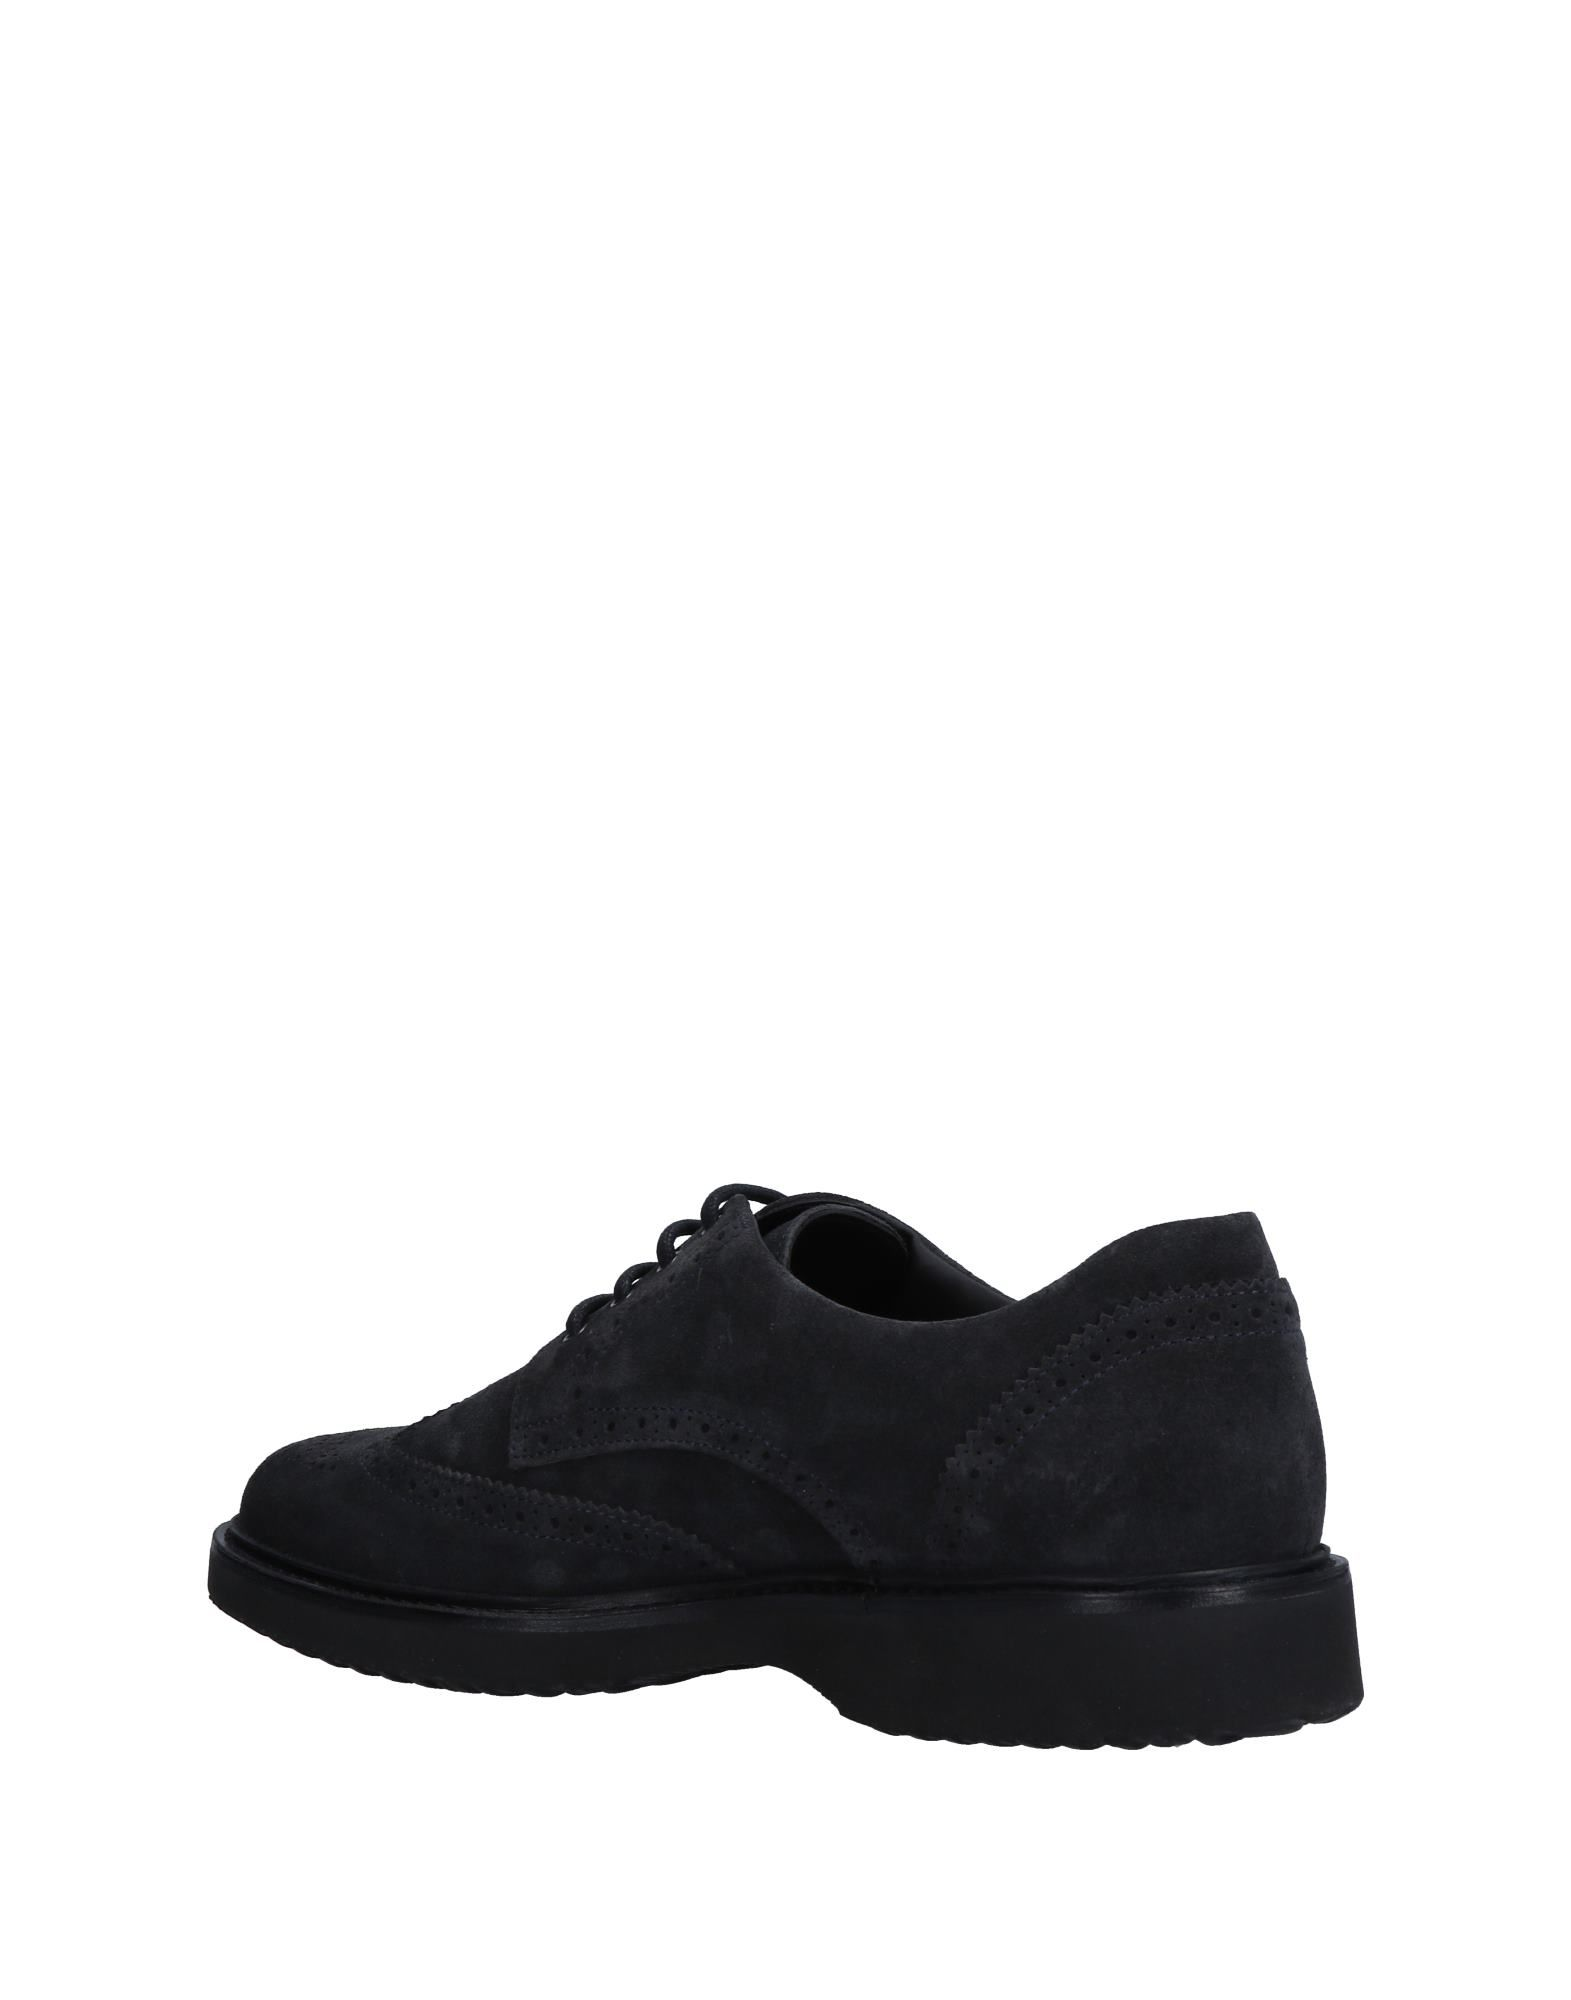 Hogan Schnürschuhe Herren Qualität  11516051RN Gute Qualität Herren beliebte Schuhe 8ac18f